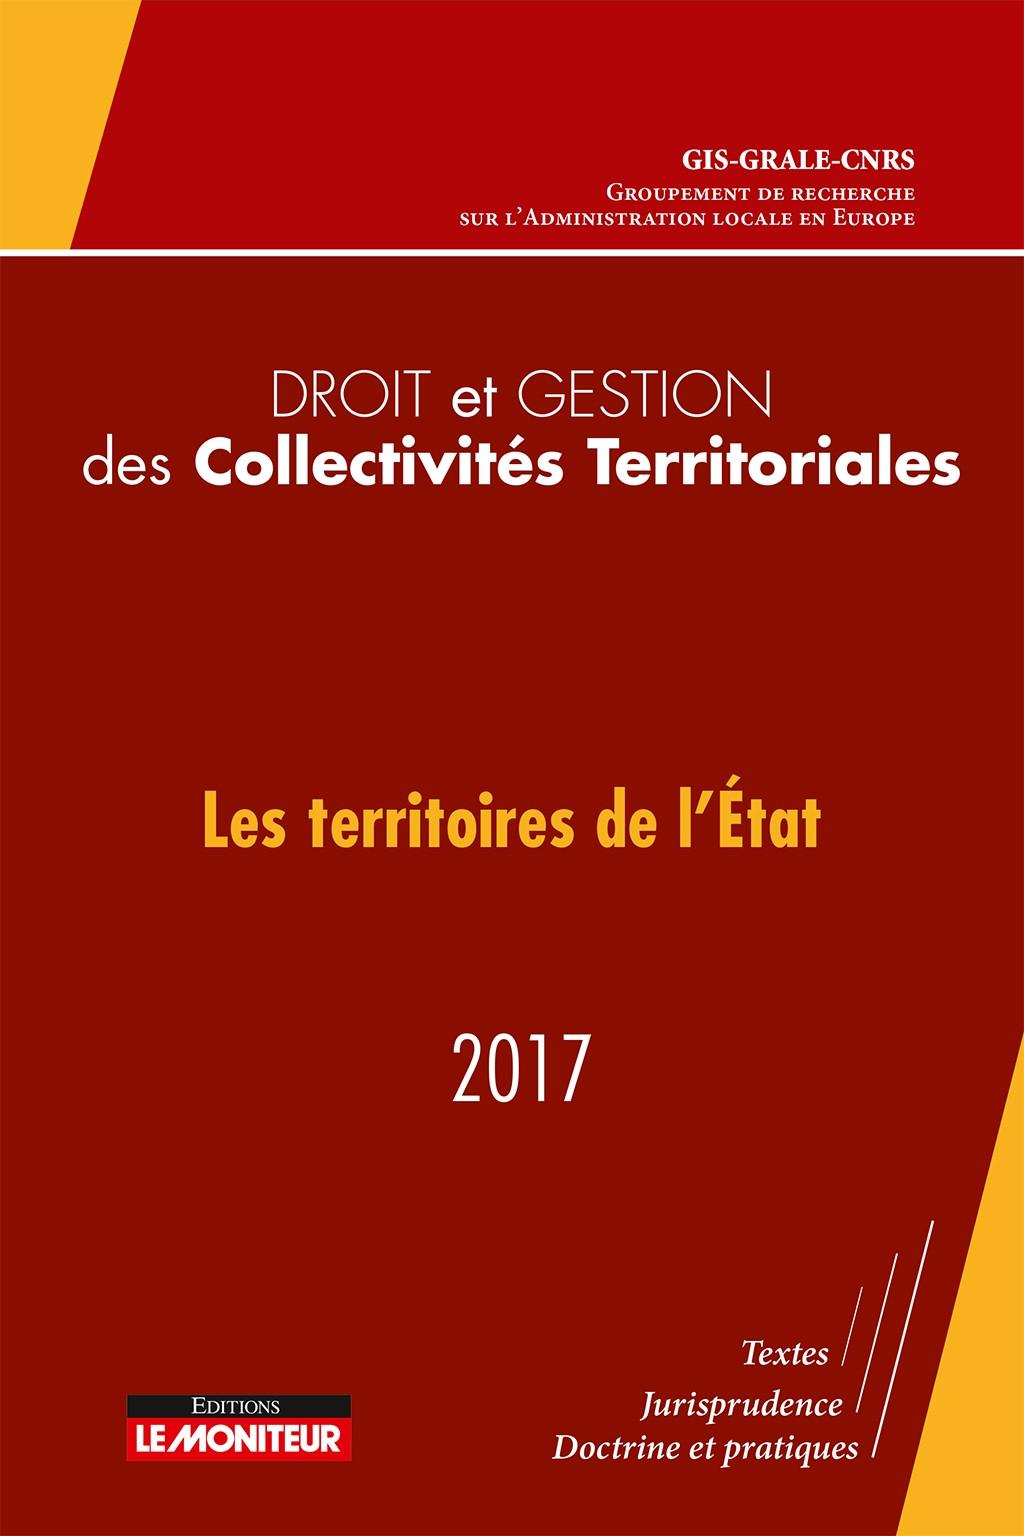 Droit et gestion des collectivités territoriales 2017 « Les territoires de l'État »